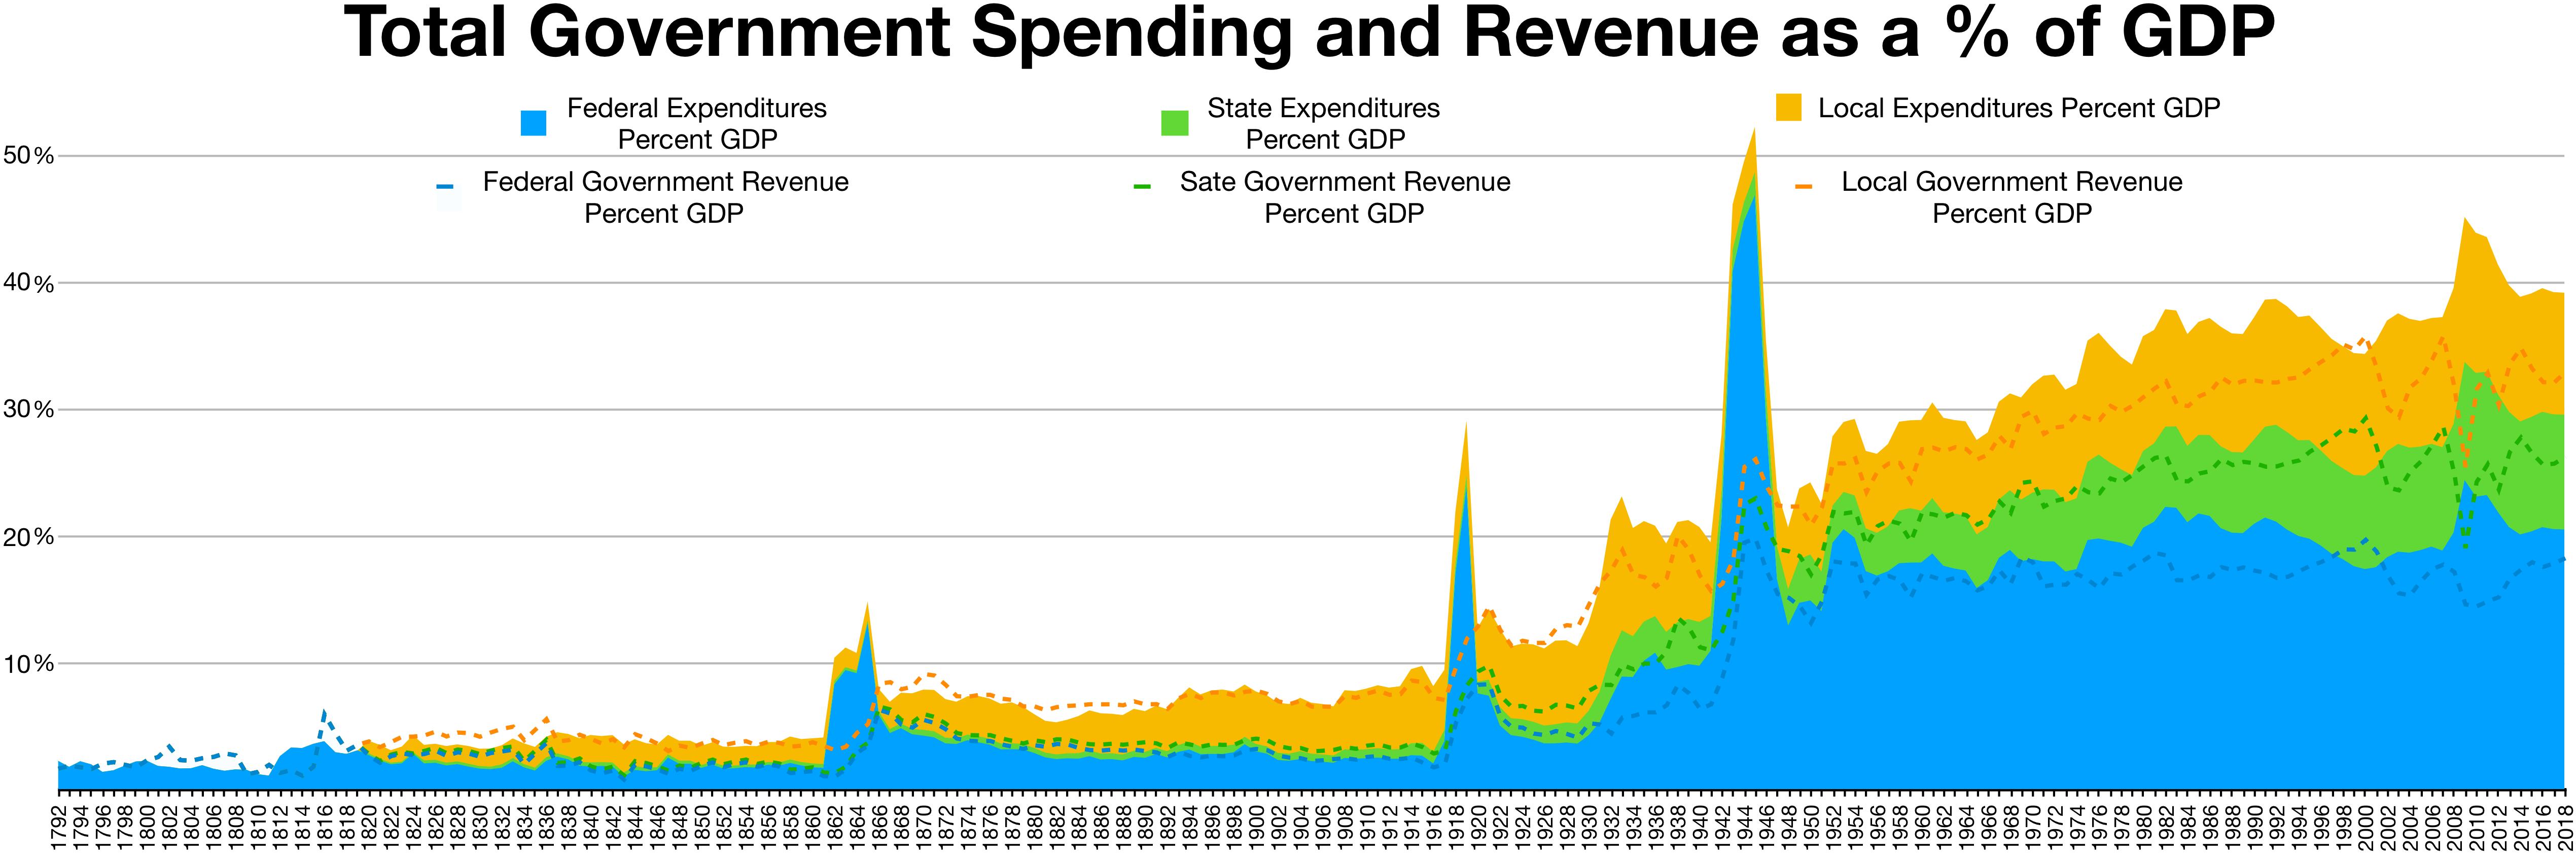 Berkas Government Revenue And Spending Gdp Png Wikipedia Bahasa Indonesia Ensiklopedia Bebas